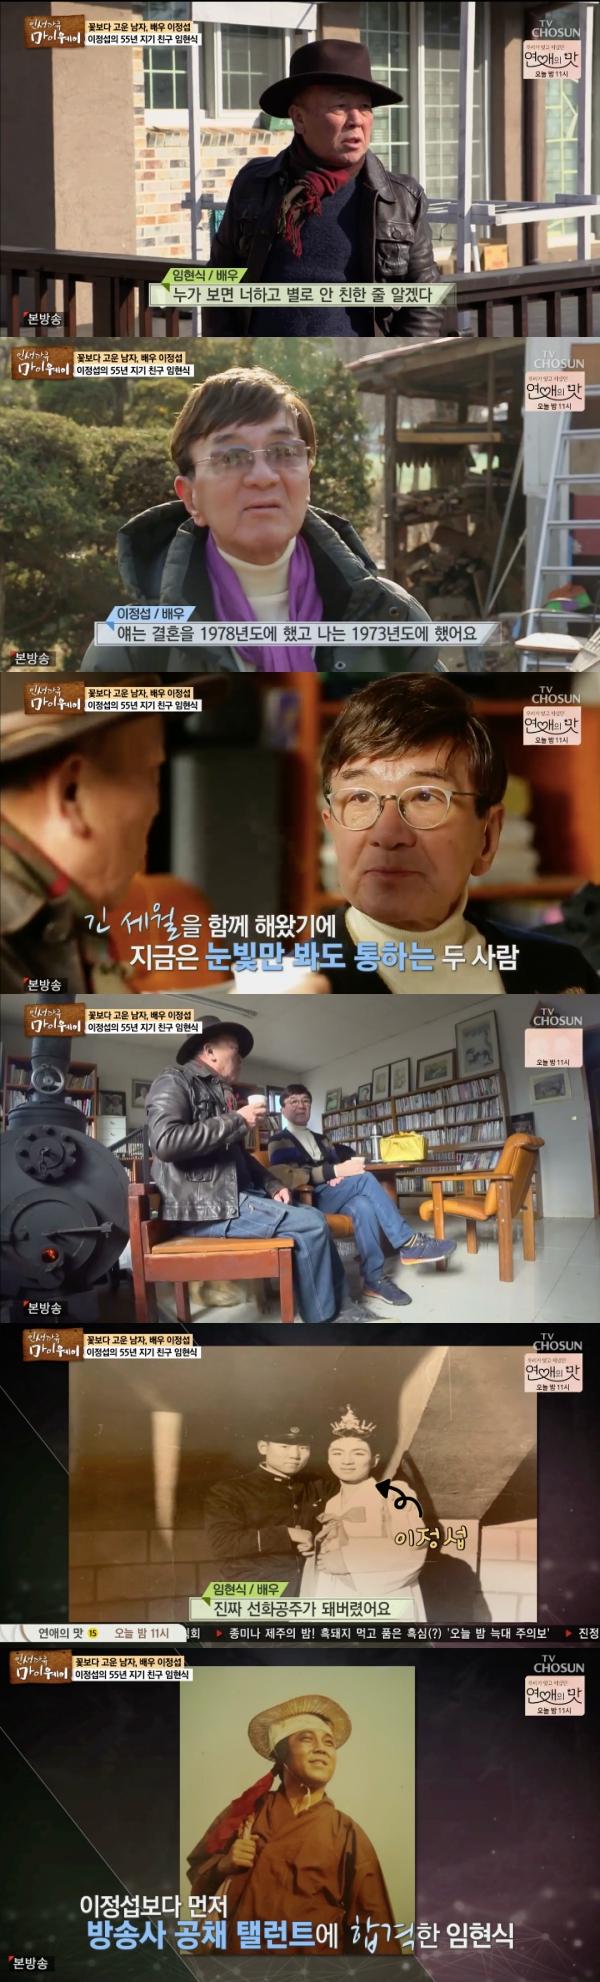 """'마이웨이' 이정섭 """"임현식 연기 못해 구박했다"""" [TV캡처]"""